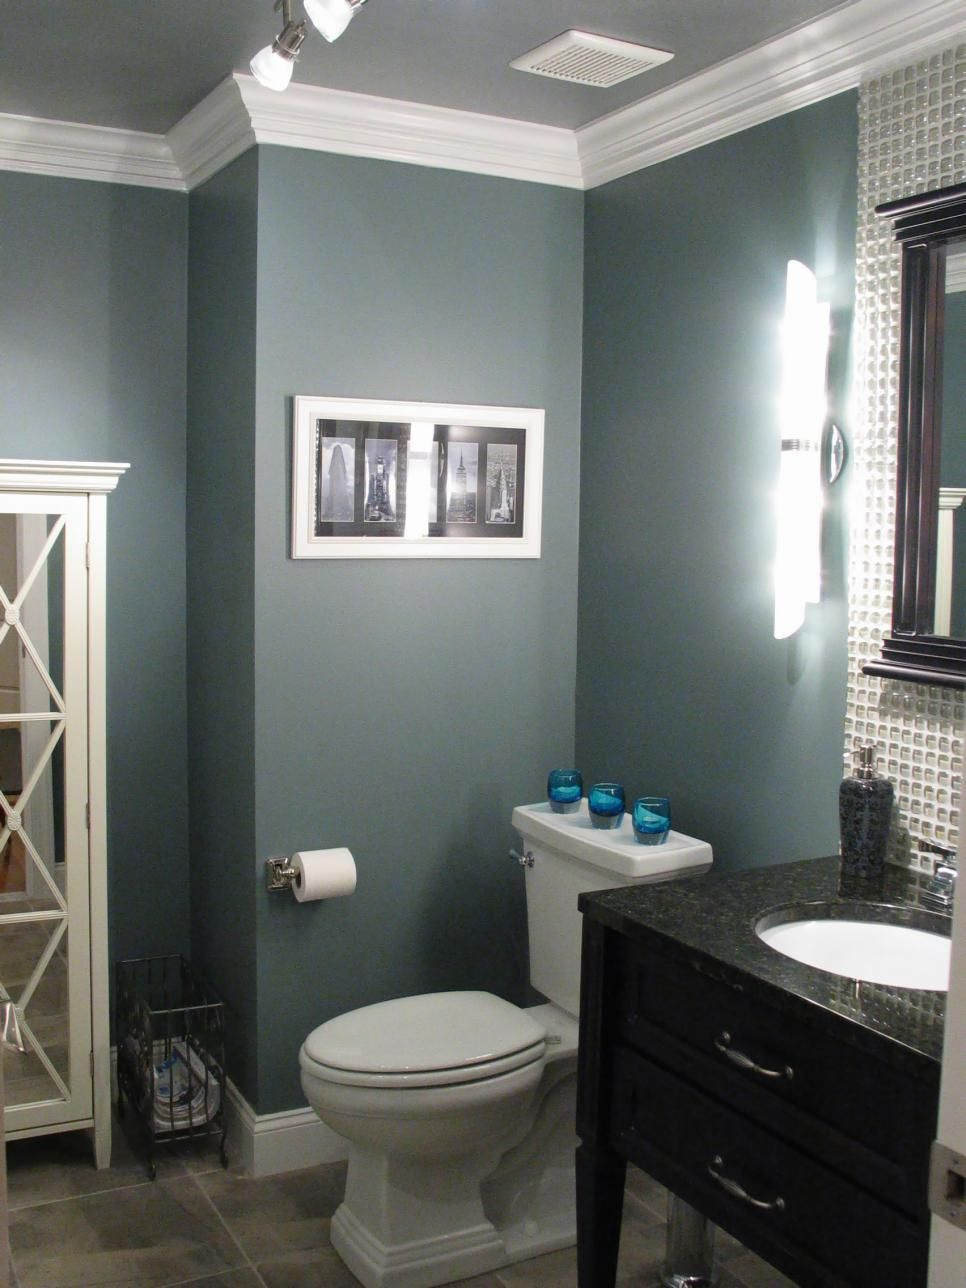 Bathroom color ideas 2016 - Bathroom